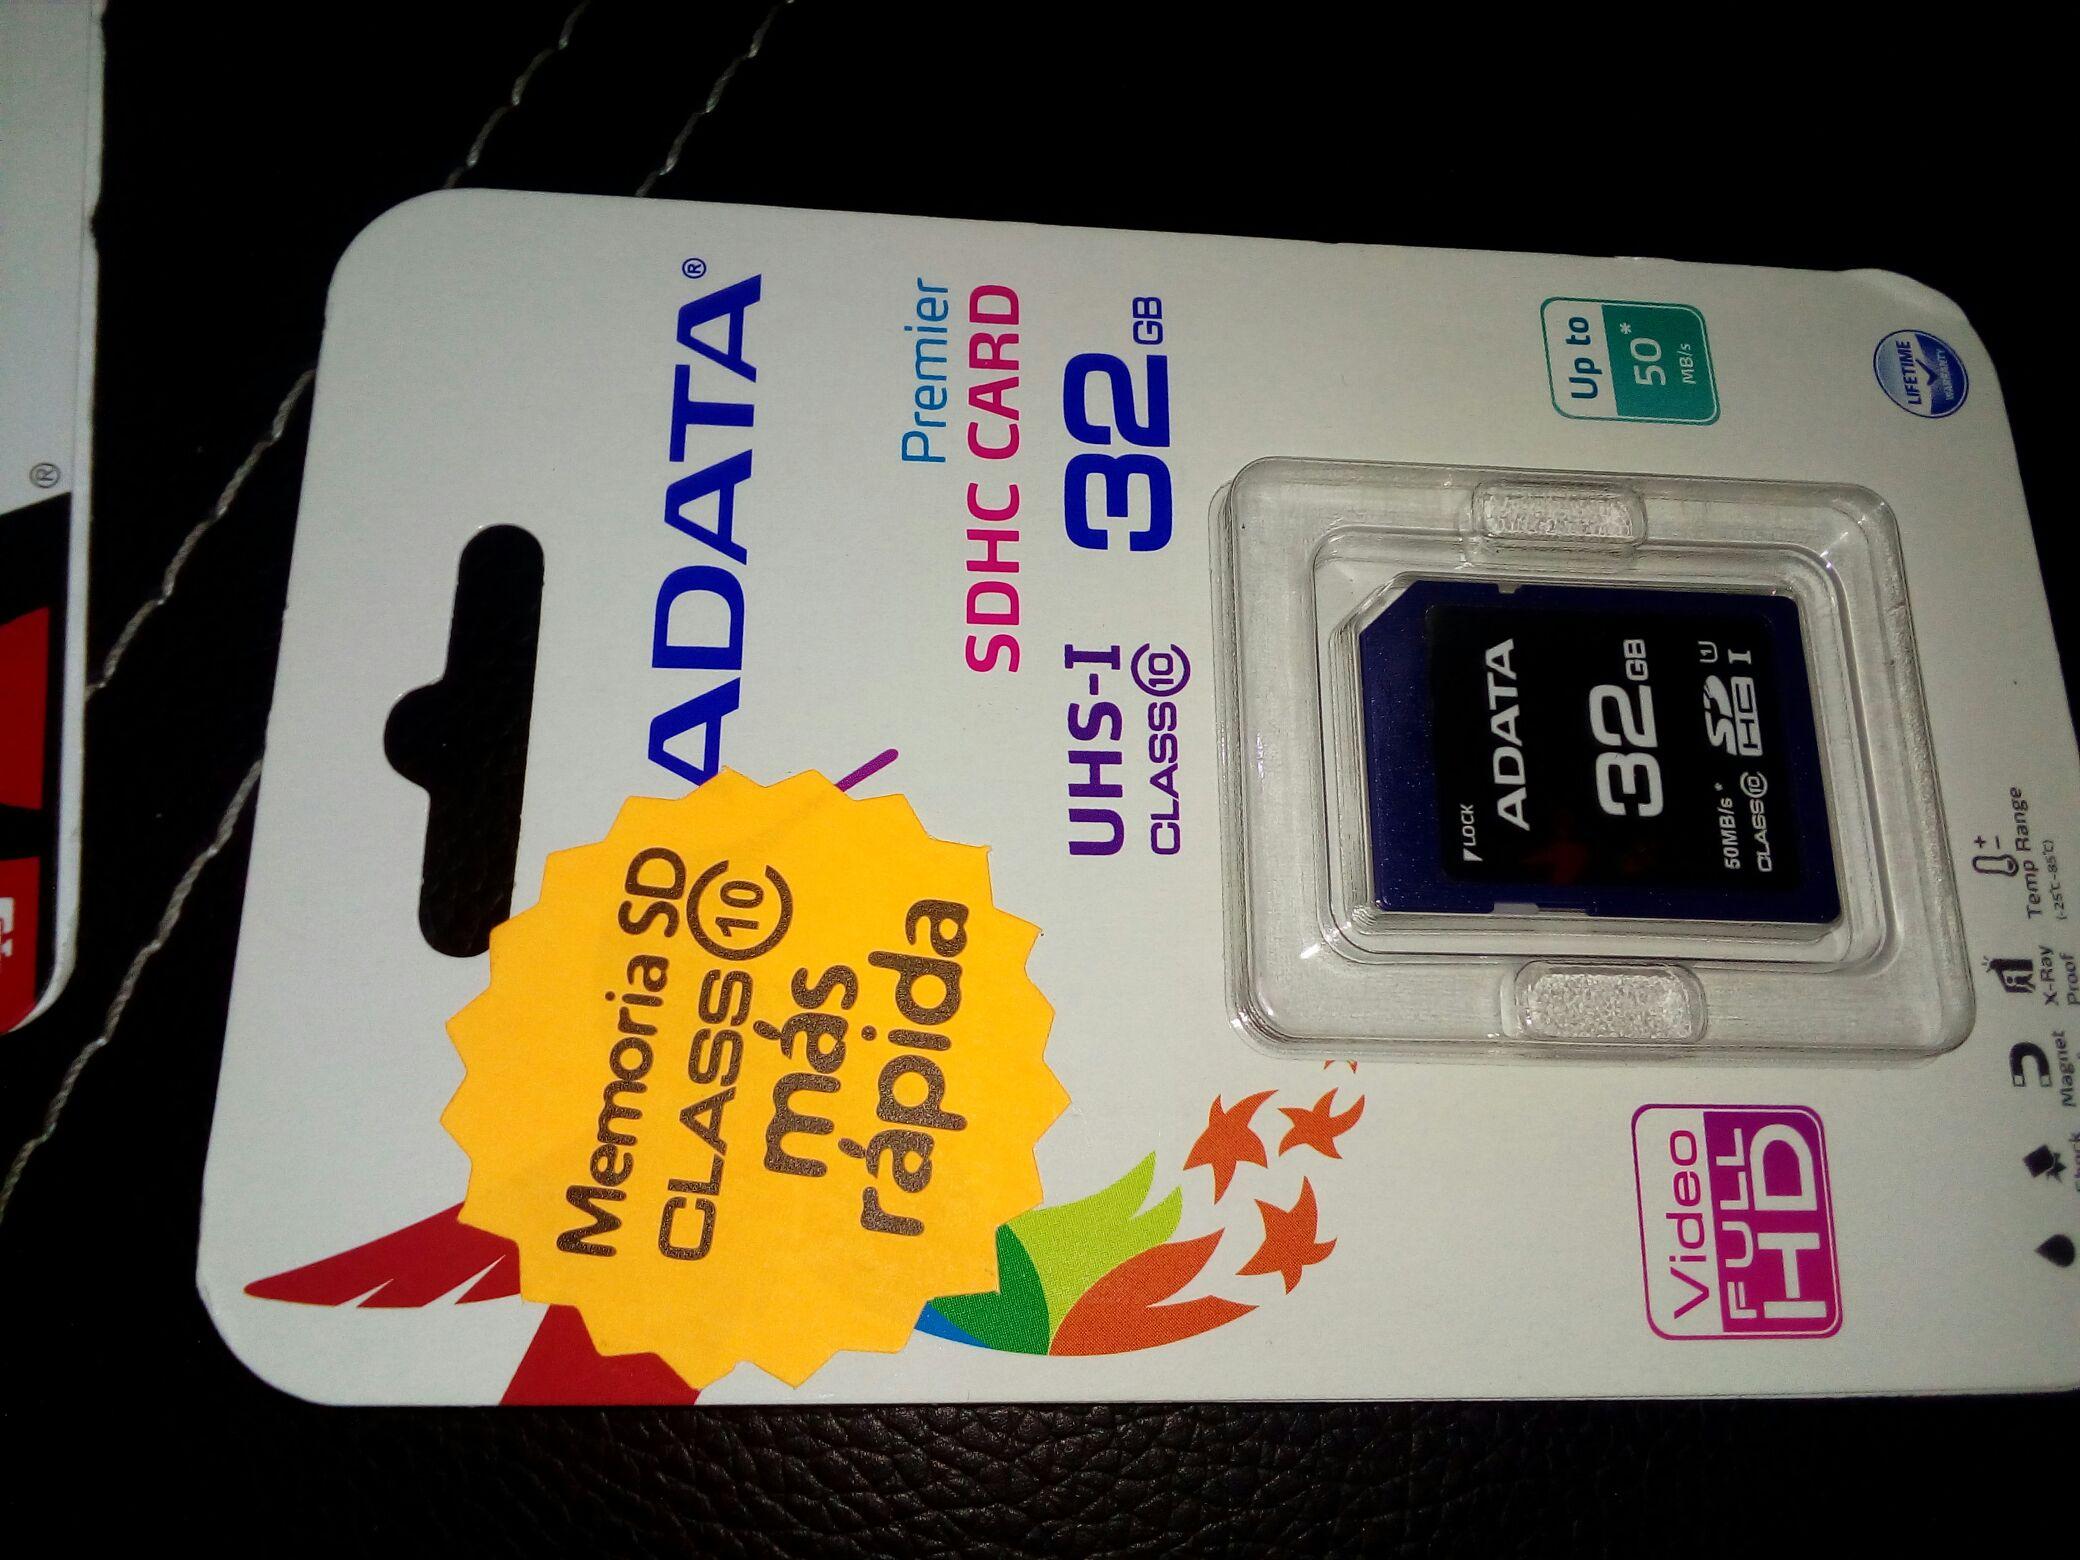 Bodega Aurrerá: Memorias SD de 32GB Adata a $219.01 y más